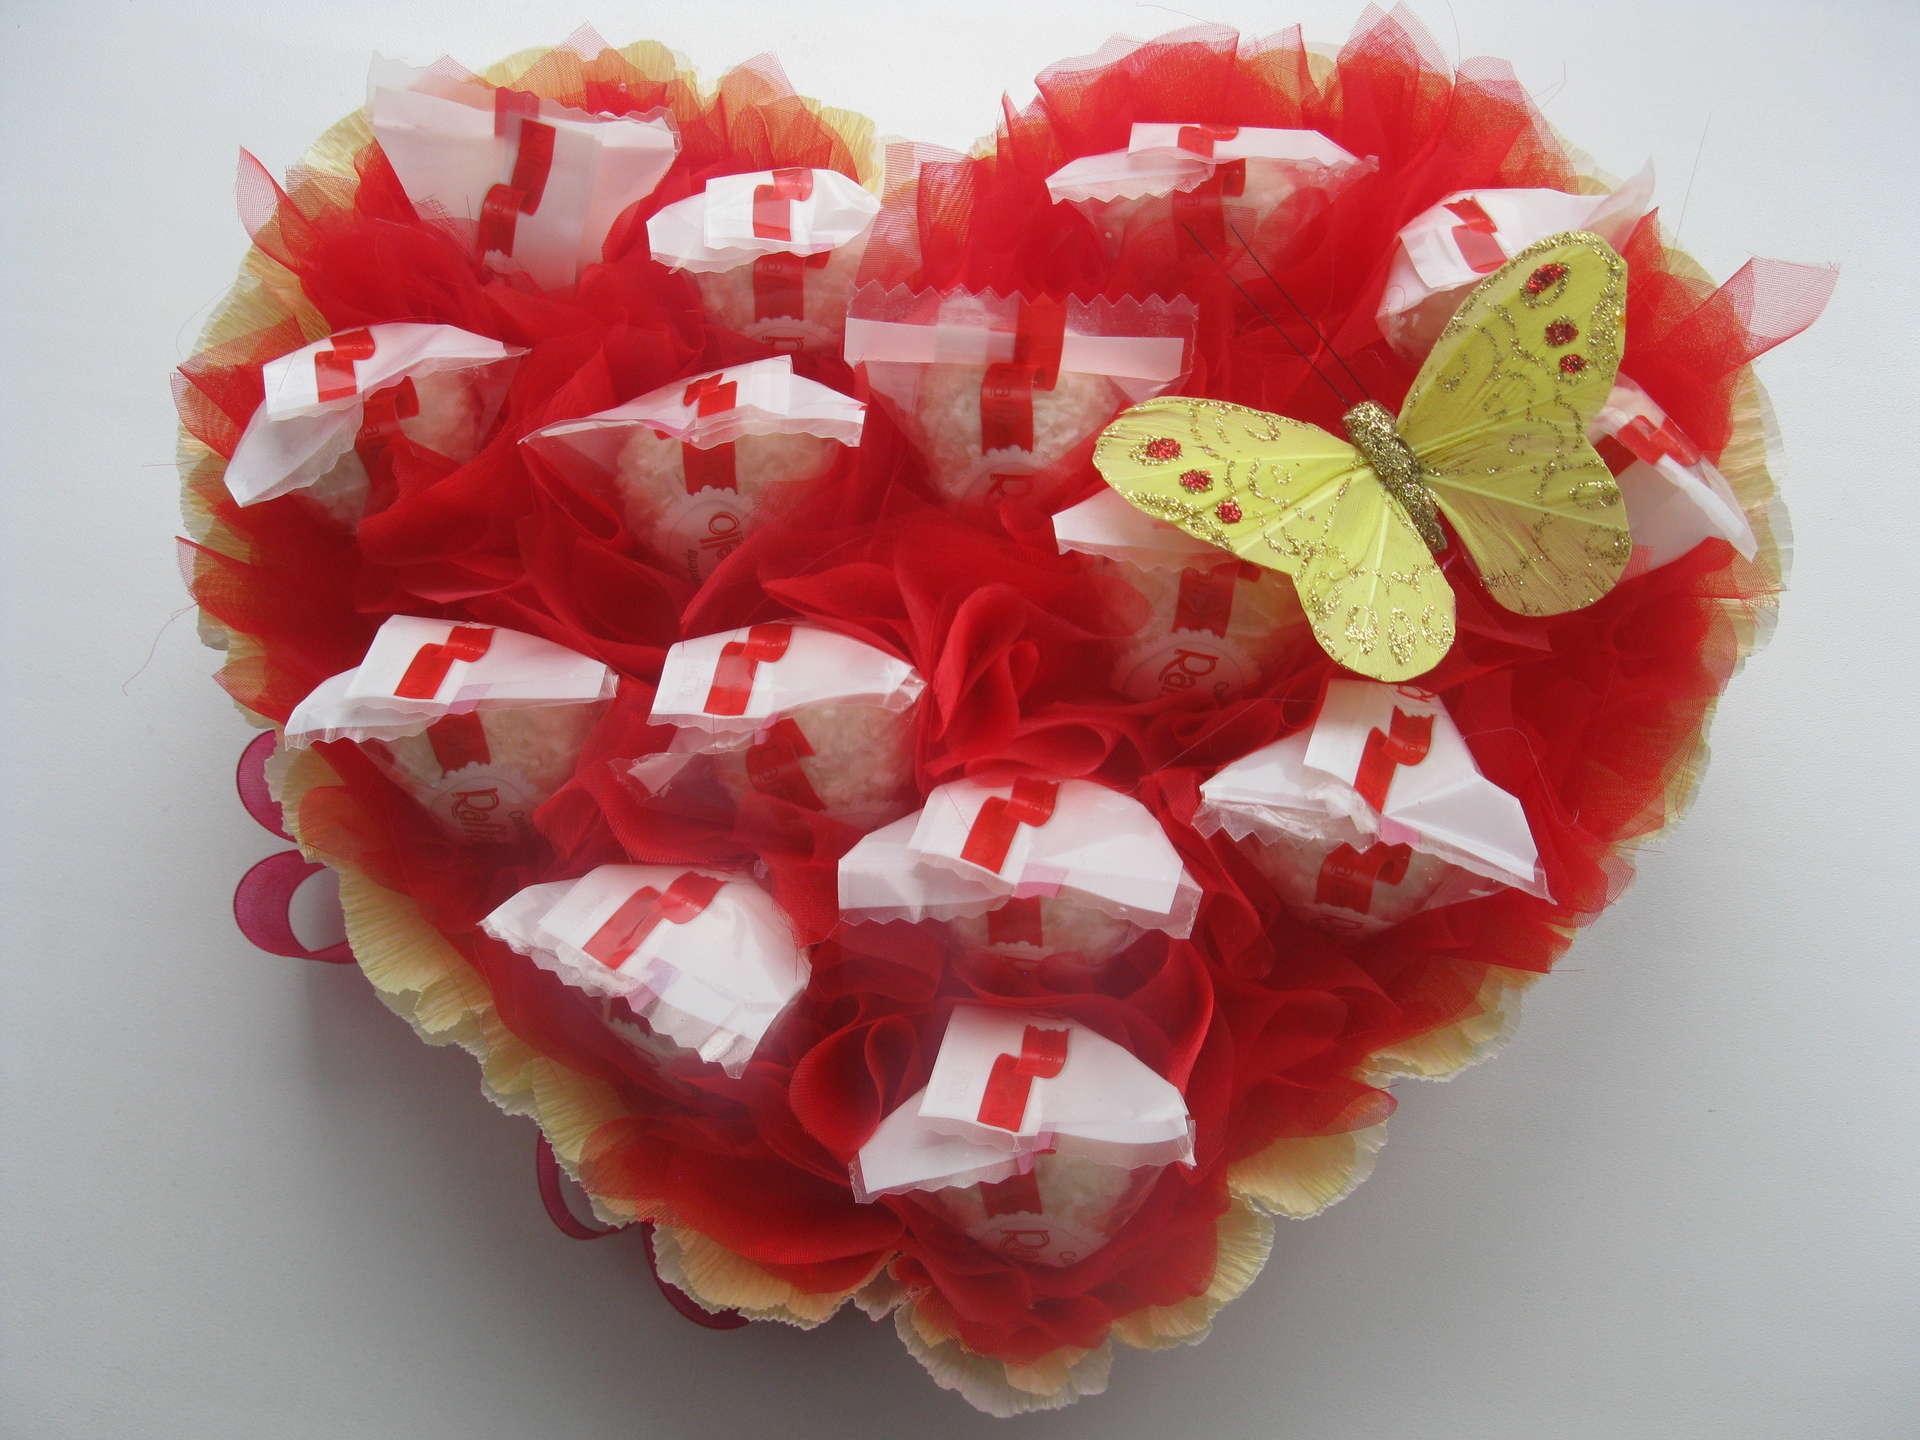 Сладкий подарок своими руками ко дню святого валентина